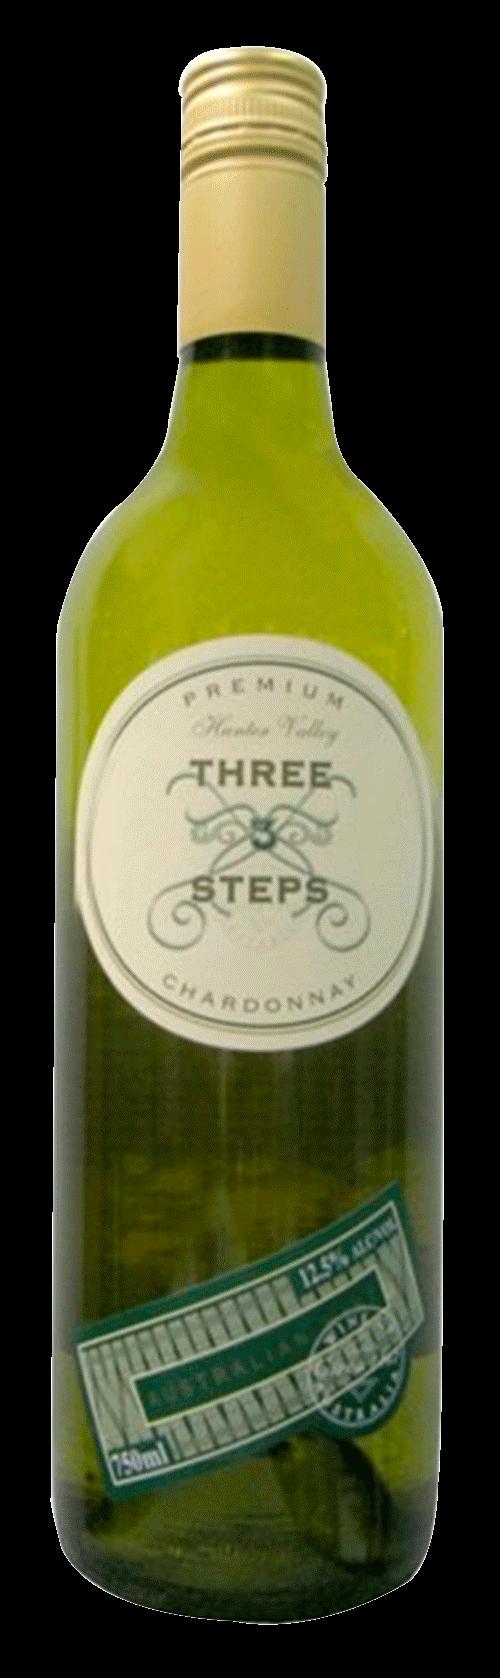 Three Steps Premium Chardonnay 2017